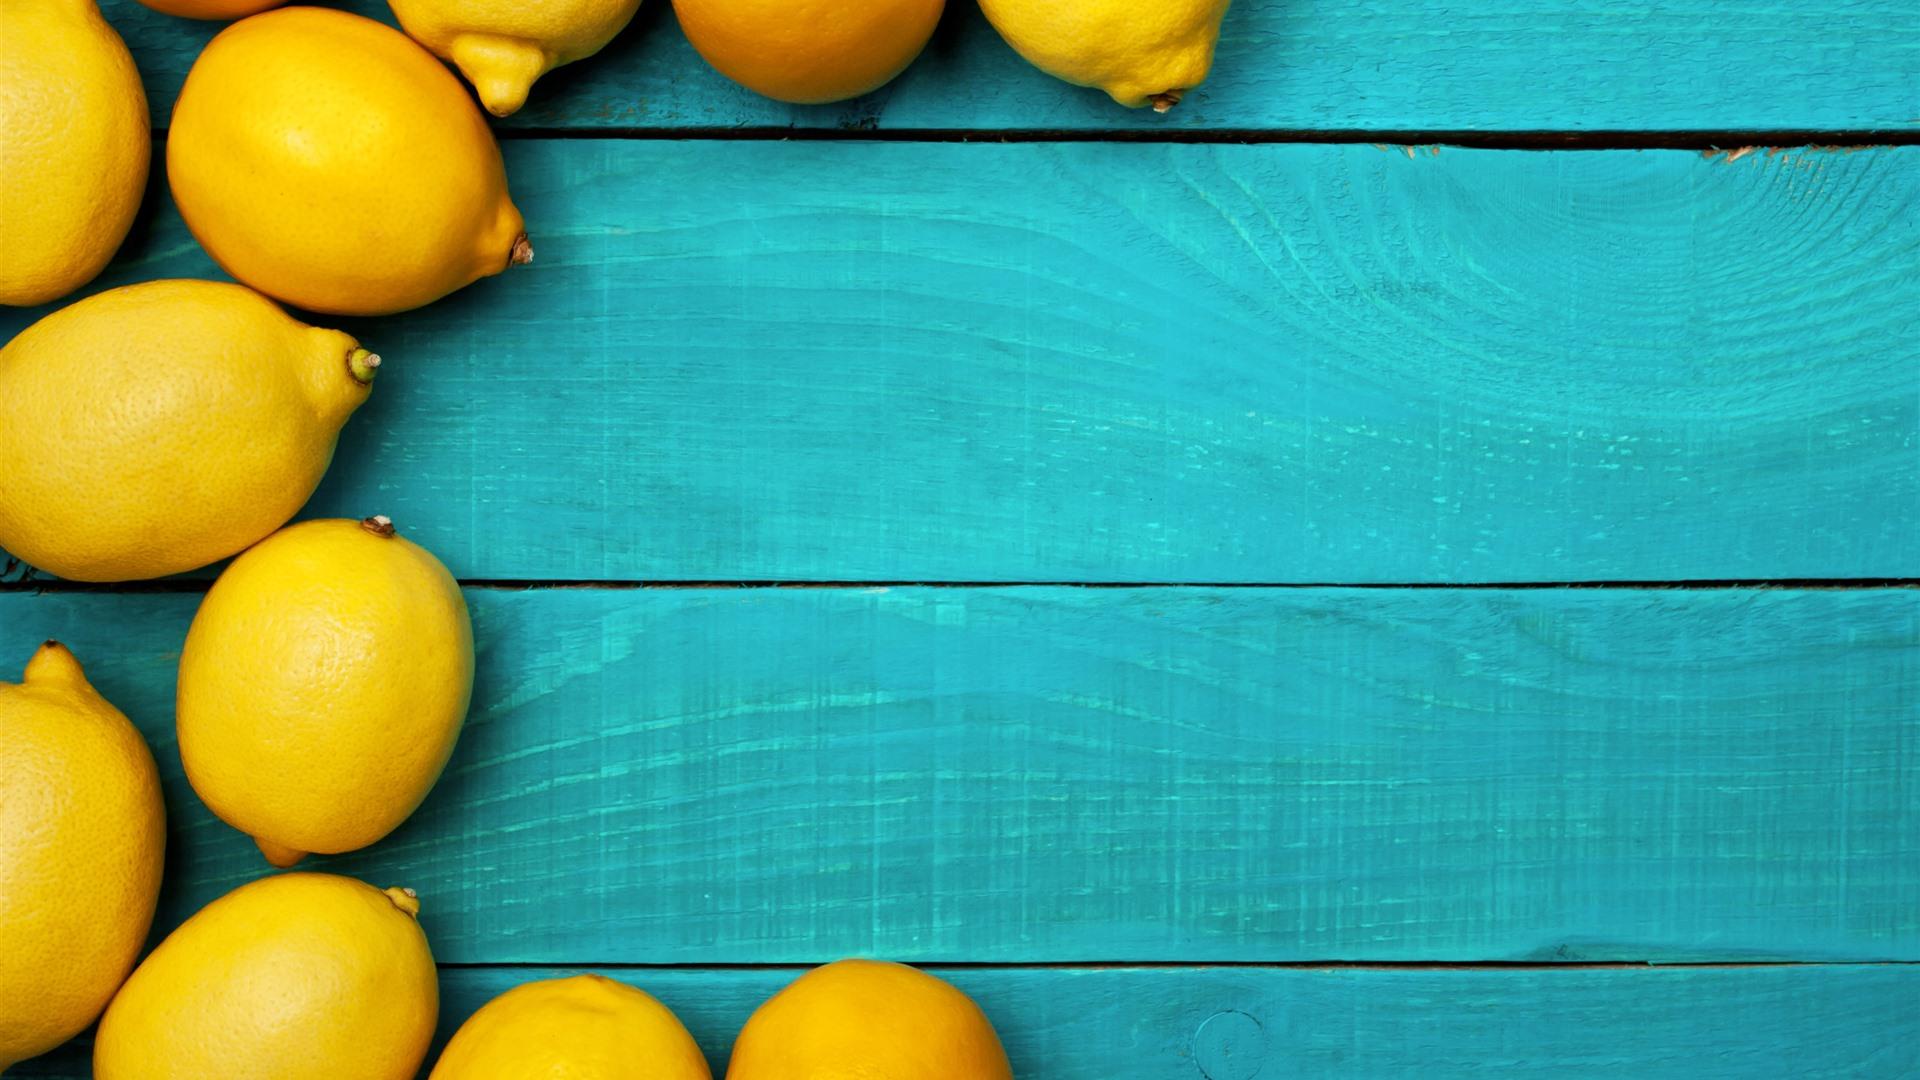 Fondos De Pantalla Iphone 7 Plus: Algunos Limones Amarillos, Tablero De Madera Azul